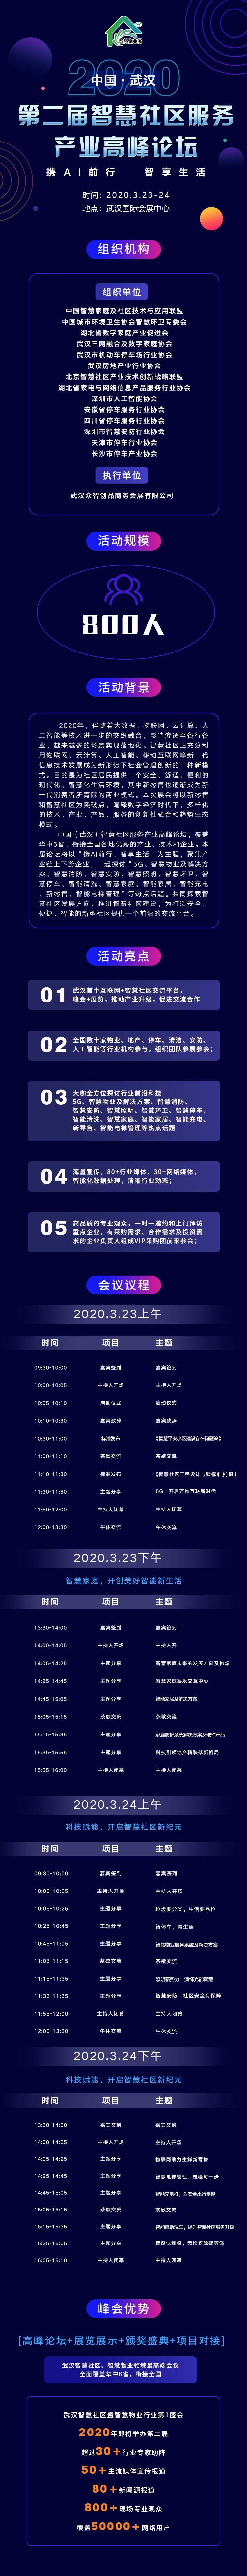 2020中国(武汉)第二届智慧社区服务产业高峰论坛2月23日将在中国武汉开展插图2